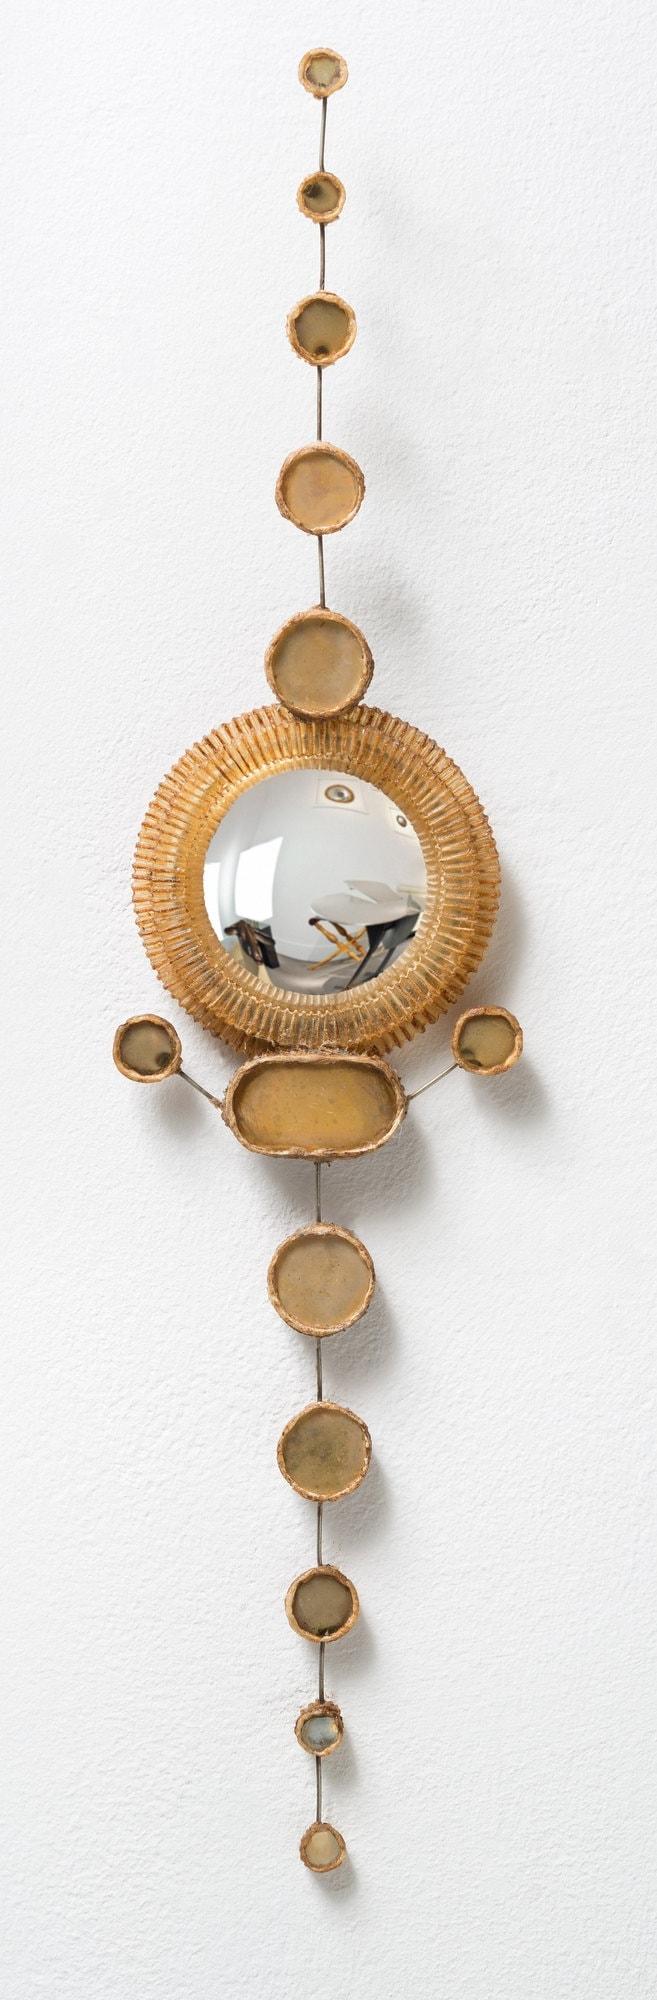 Line Vautrin, Rare paire de miroirs (vendue), vue 03